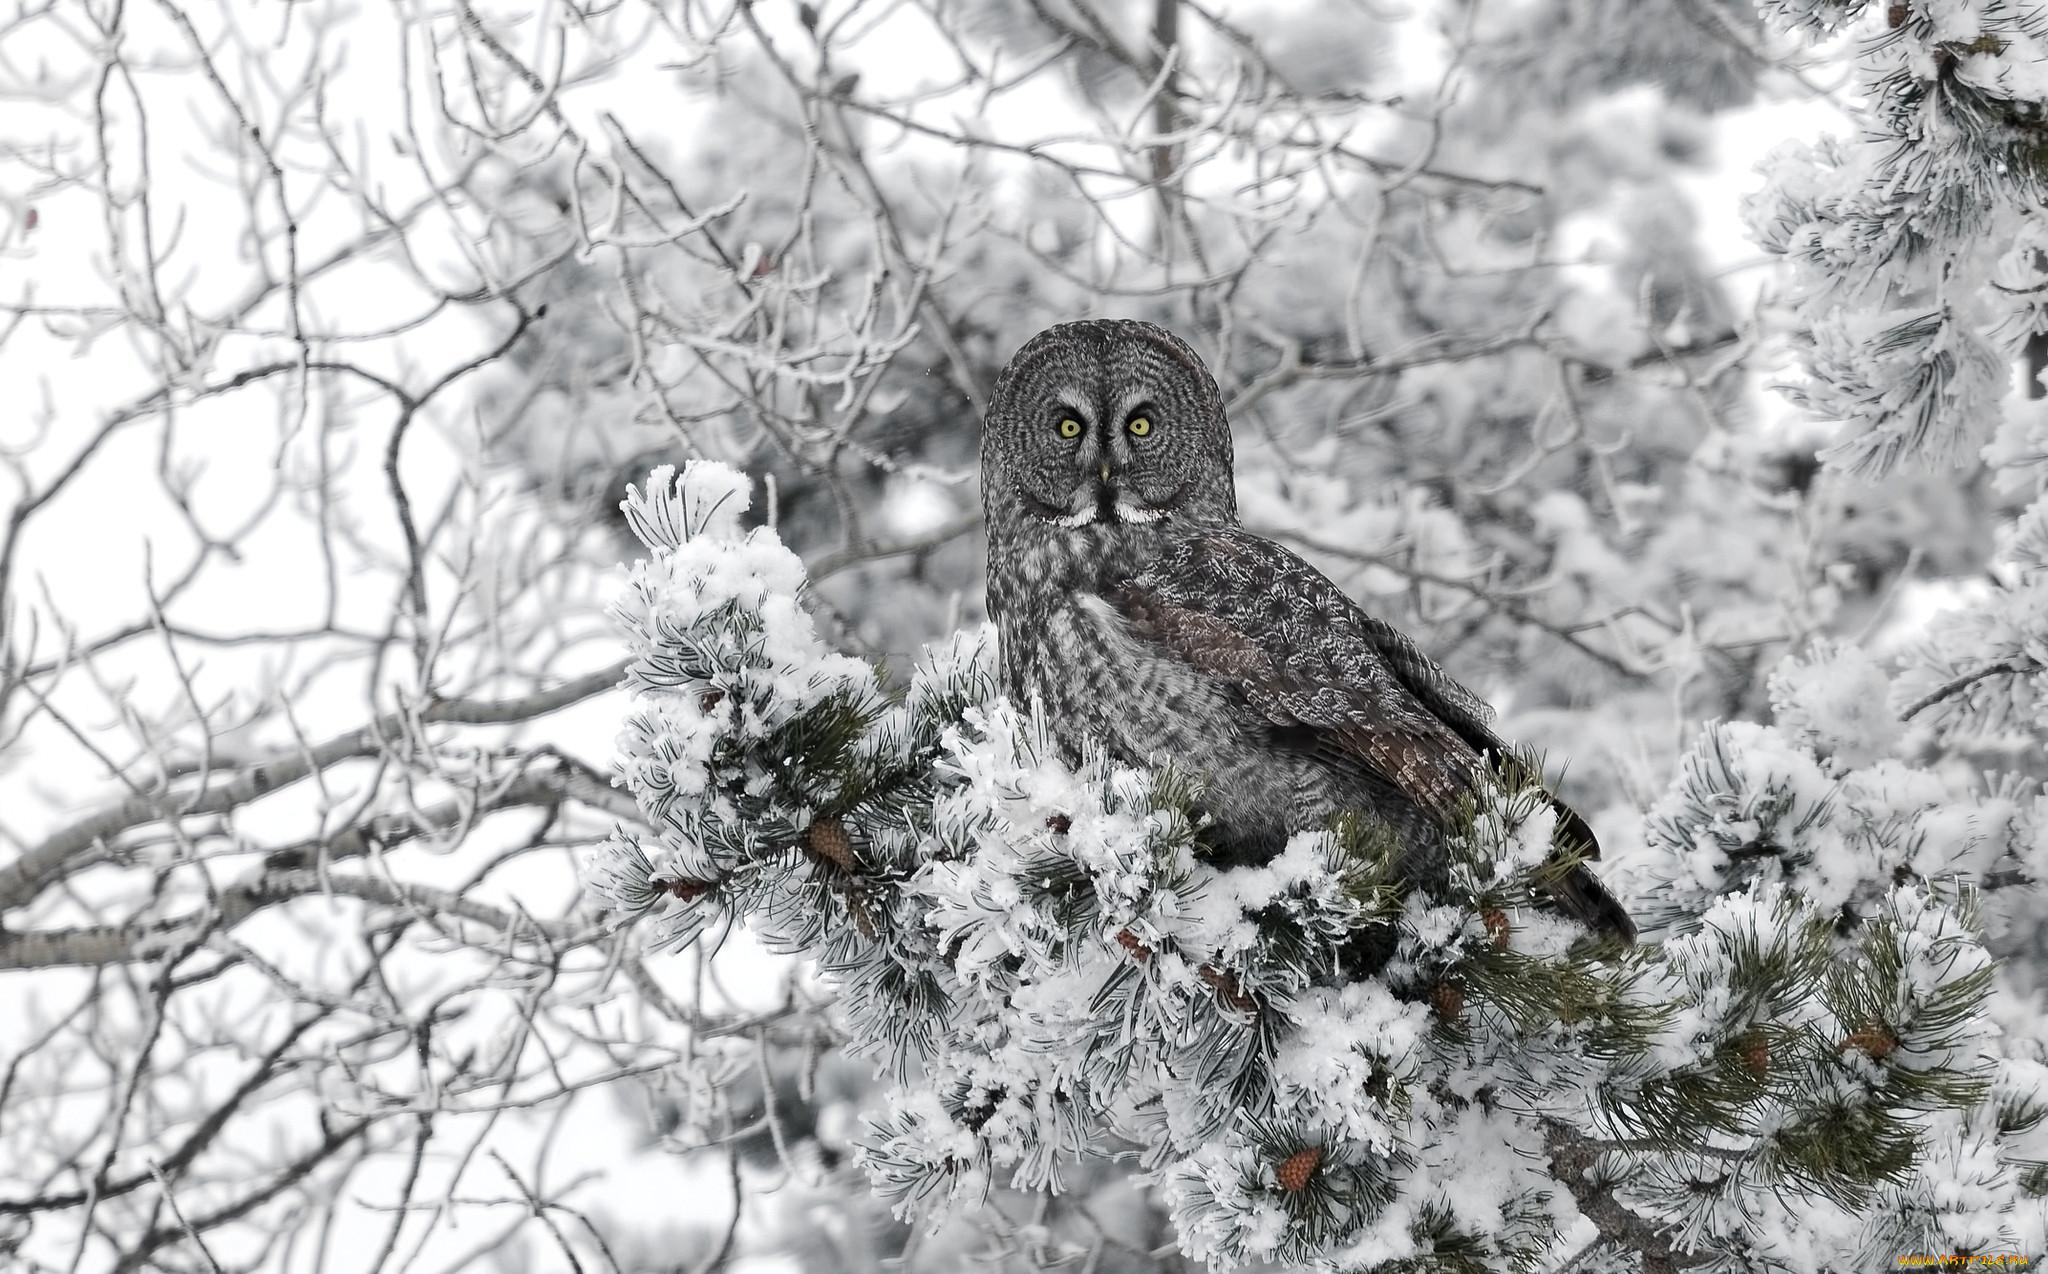 картинки совы зимой в лесу нашей